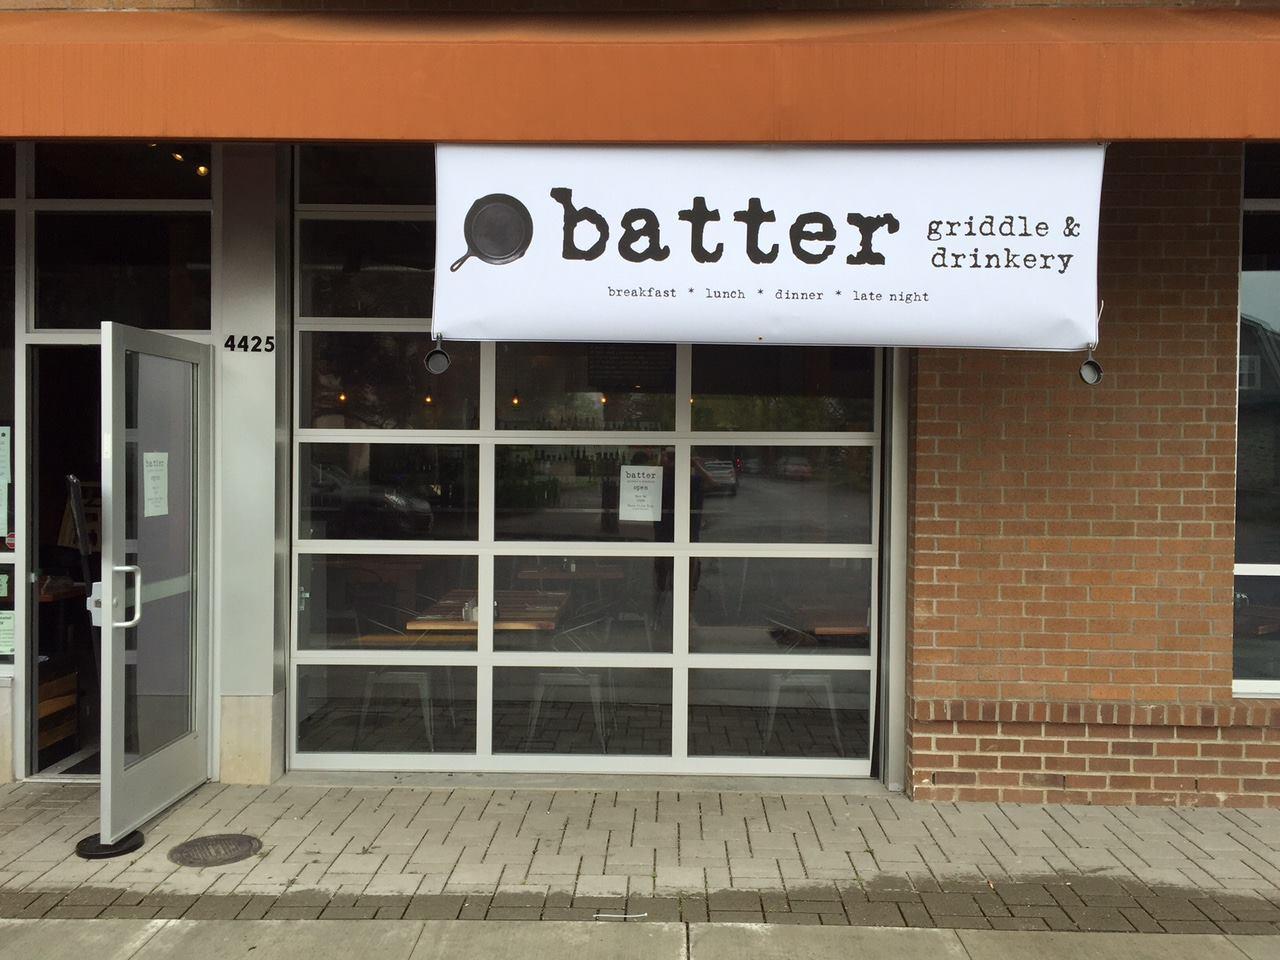 Batter Griddle and Drinkery  | Facebook